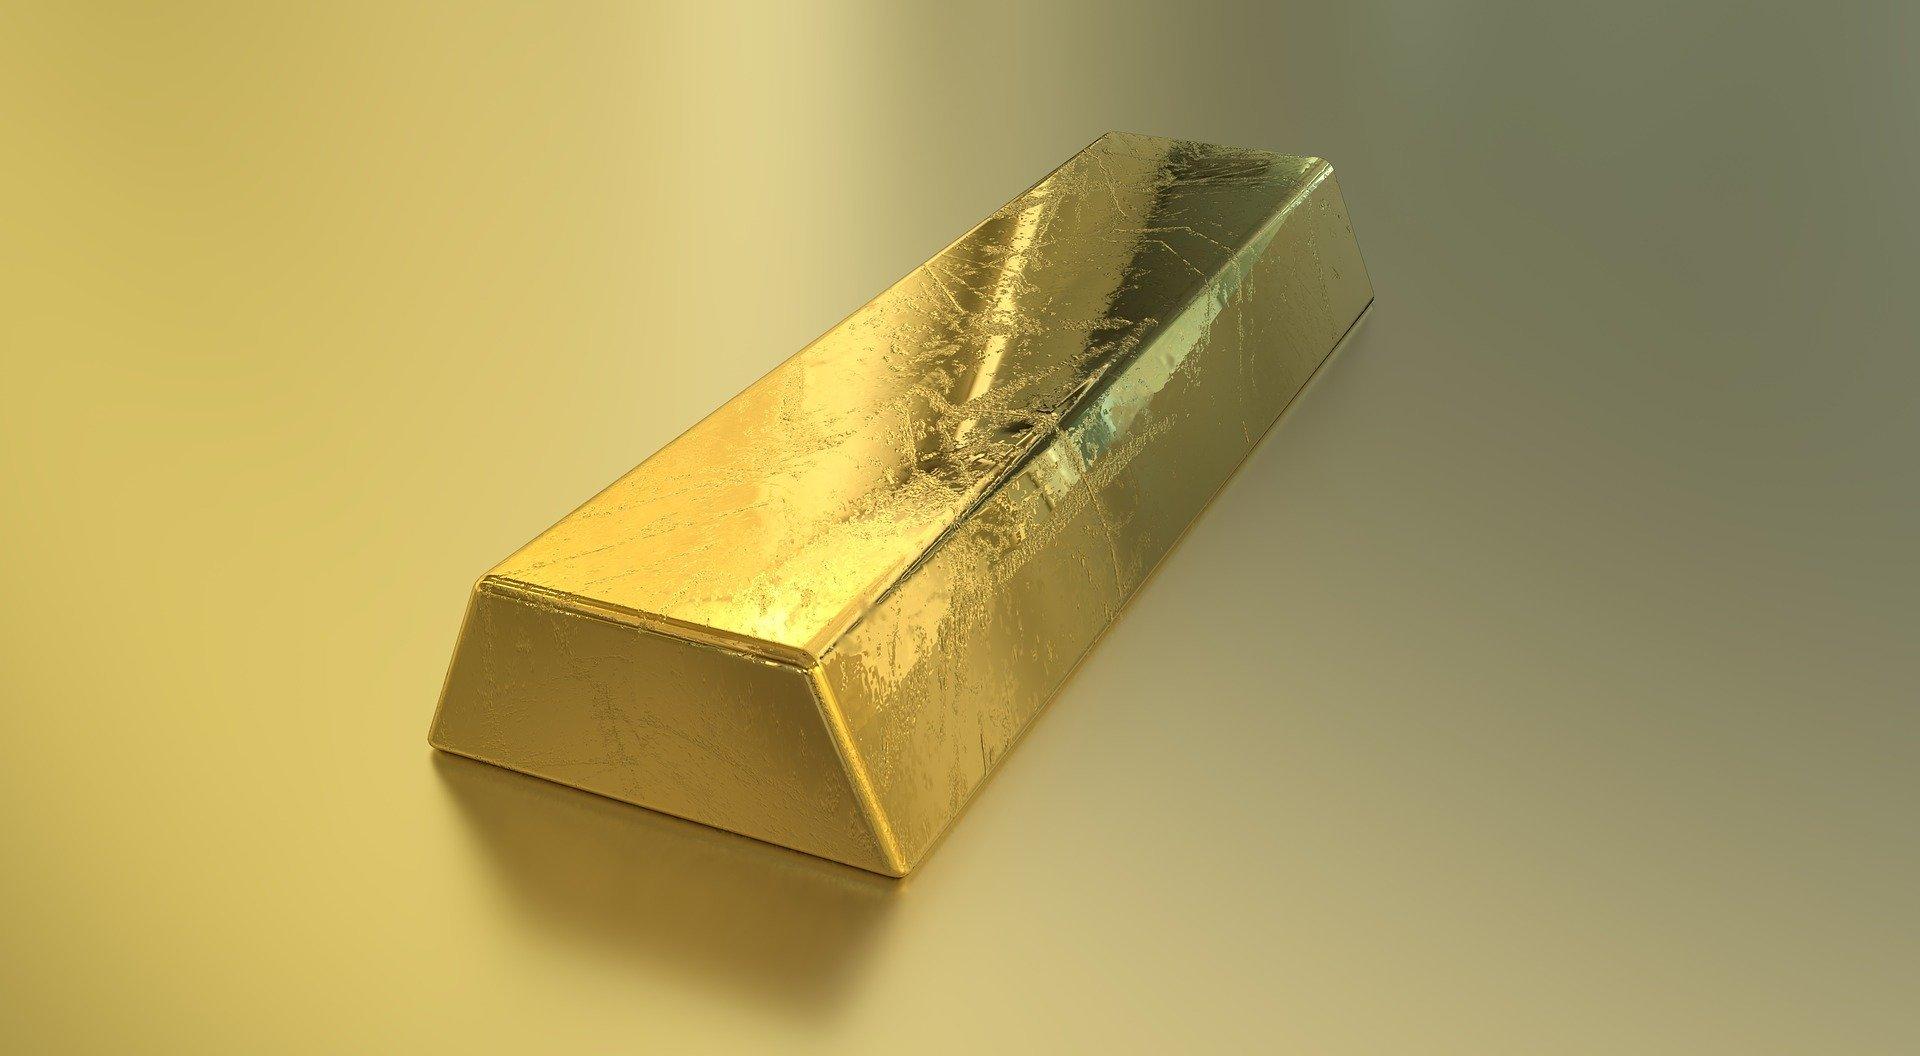 ราคาทองวันนี้ 12 มิ.ย. 64 แนวโน้มราคาทอง ราคาทองคำวันนี้ วิเคราะห์ทองคำ ปัจจัยราคาทอง ราคาทอง